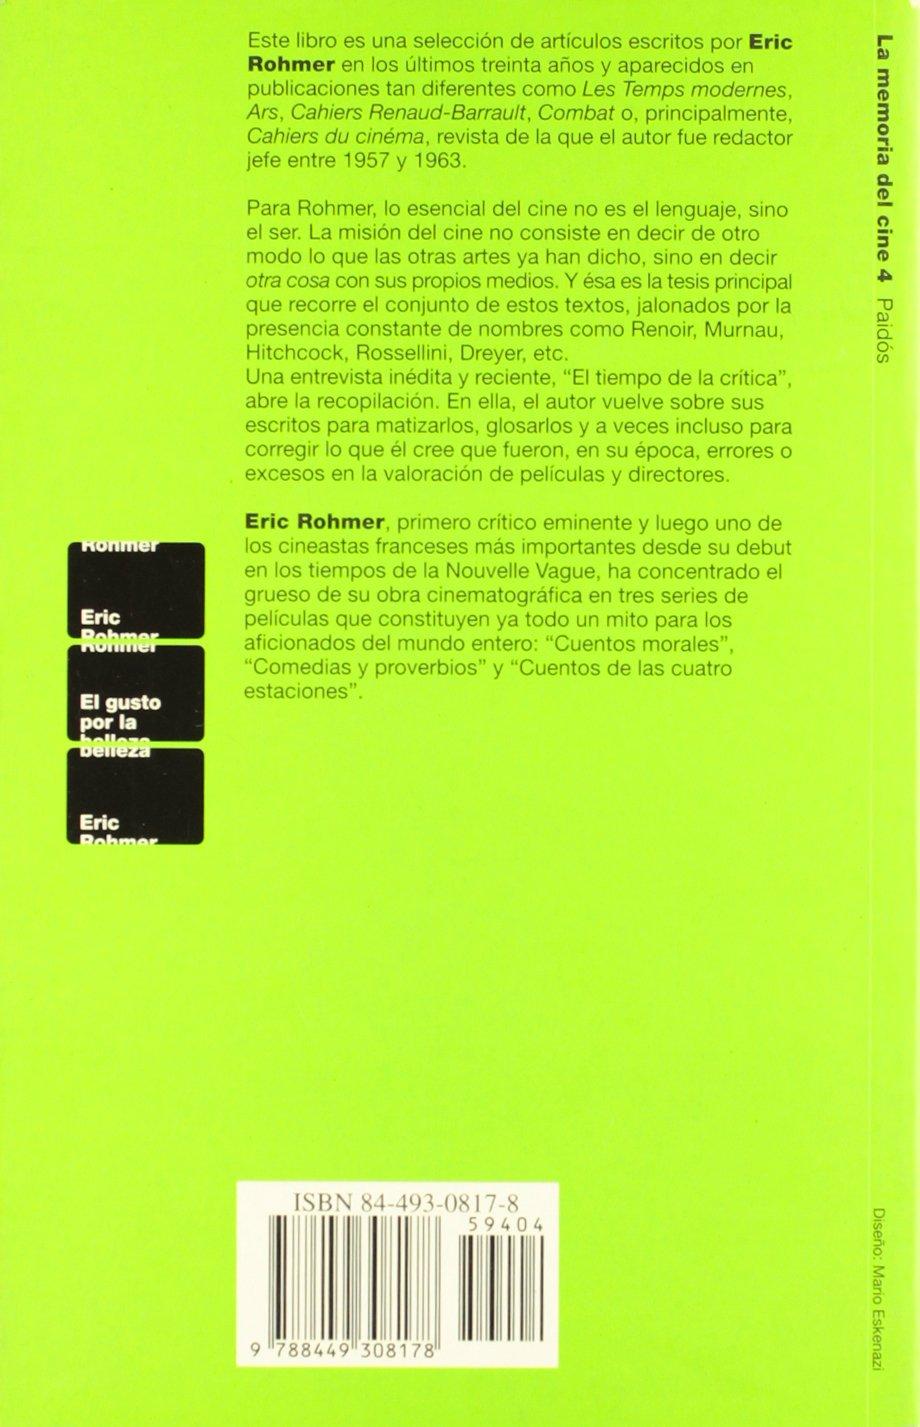 El gusto por la belleza / the Taste for Beauty (Spanish Edition): Eric Rohmer: 9788449308178: Amazon.com: Books